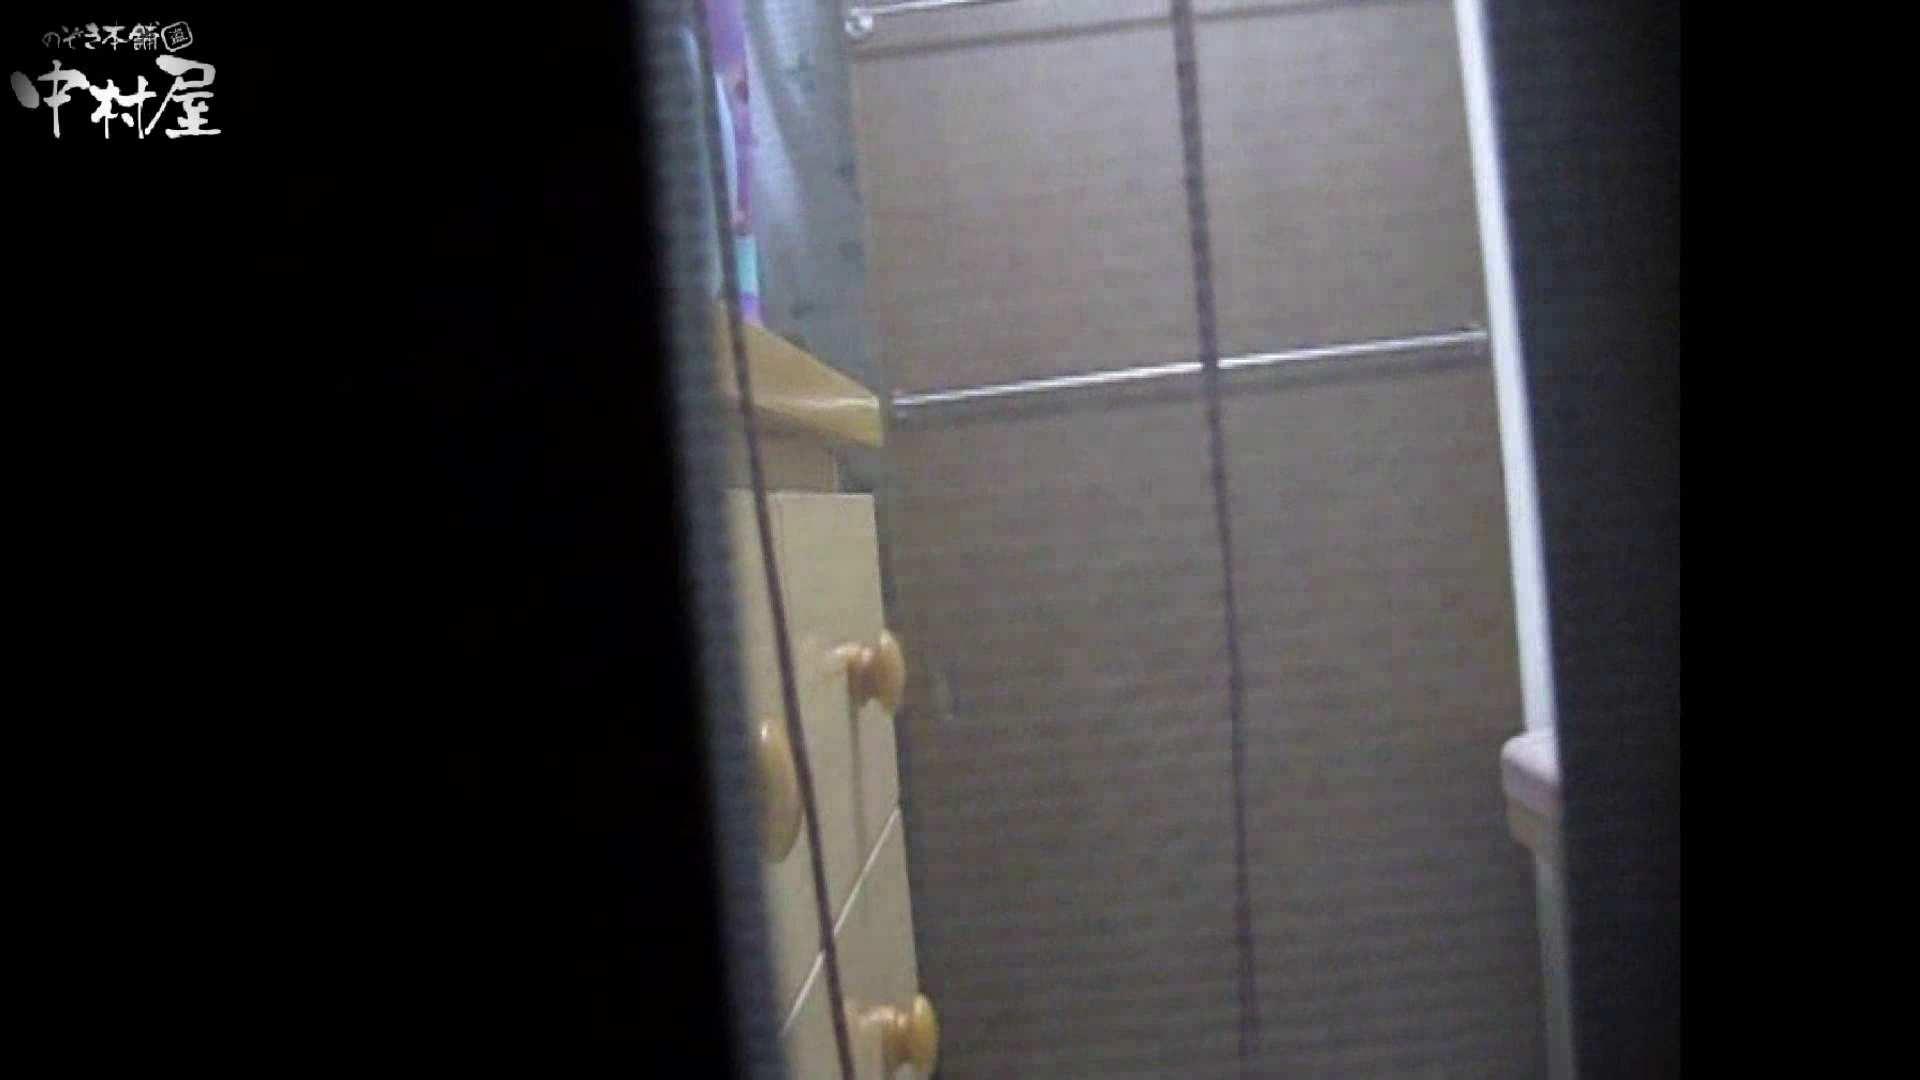 民家風呂専門盗撮師の超危険映像 vol.005 エロい美少女 ワレメ動画紹介 78PIX 19